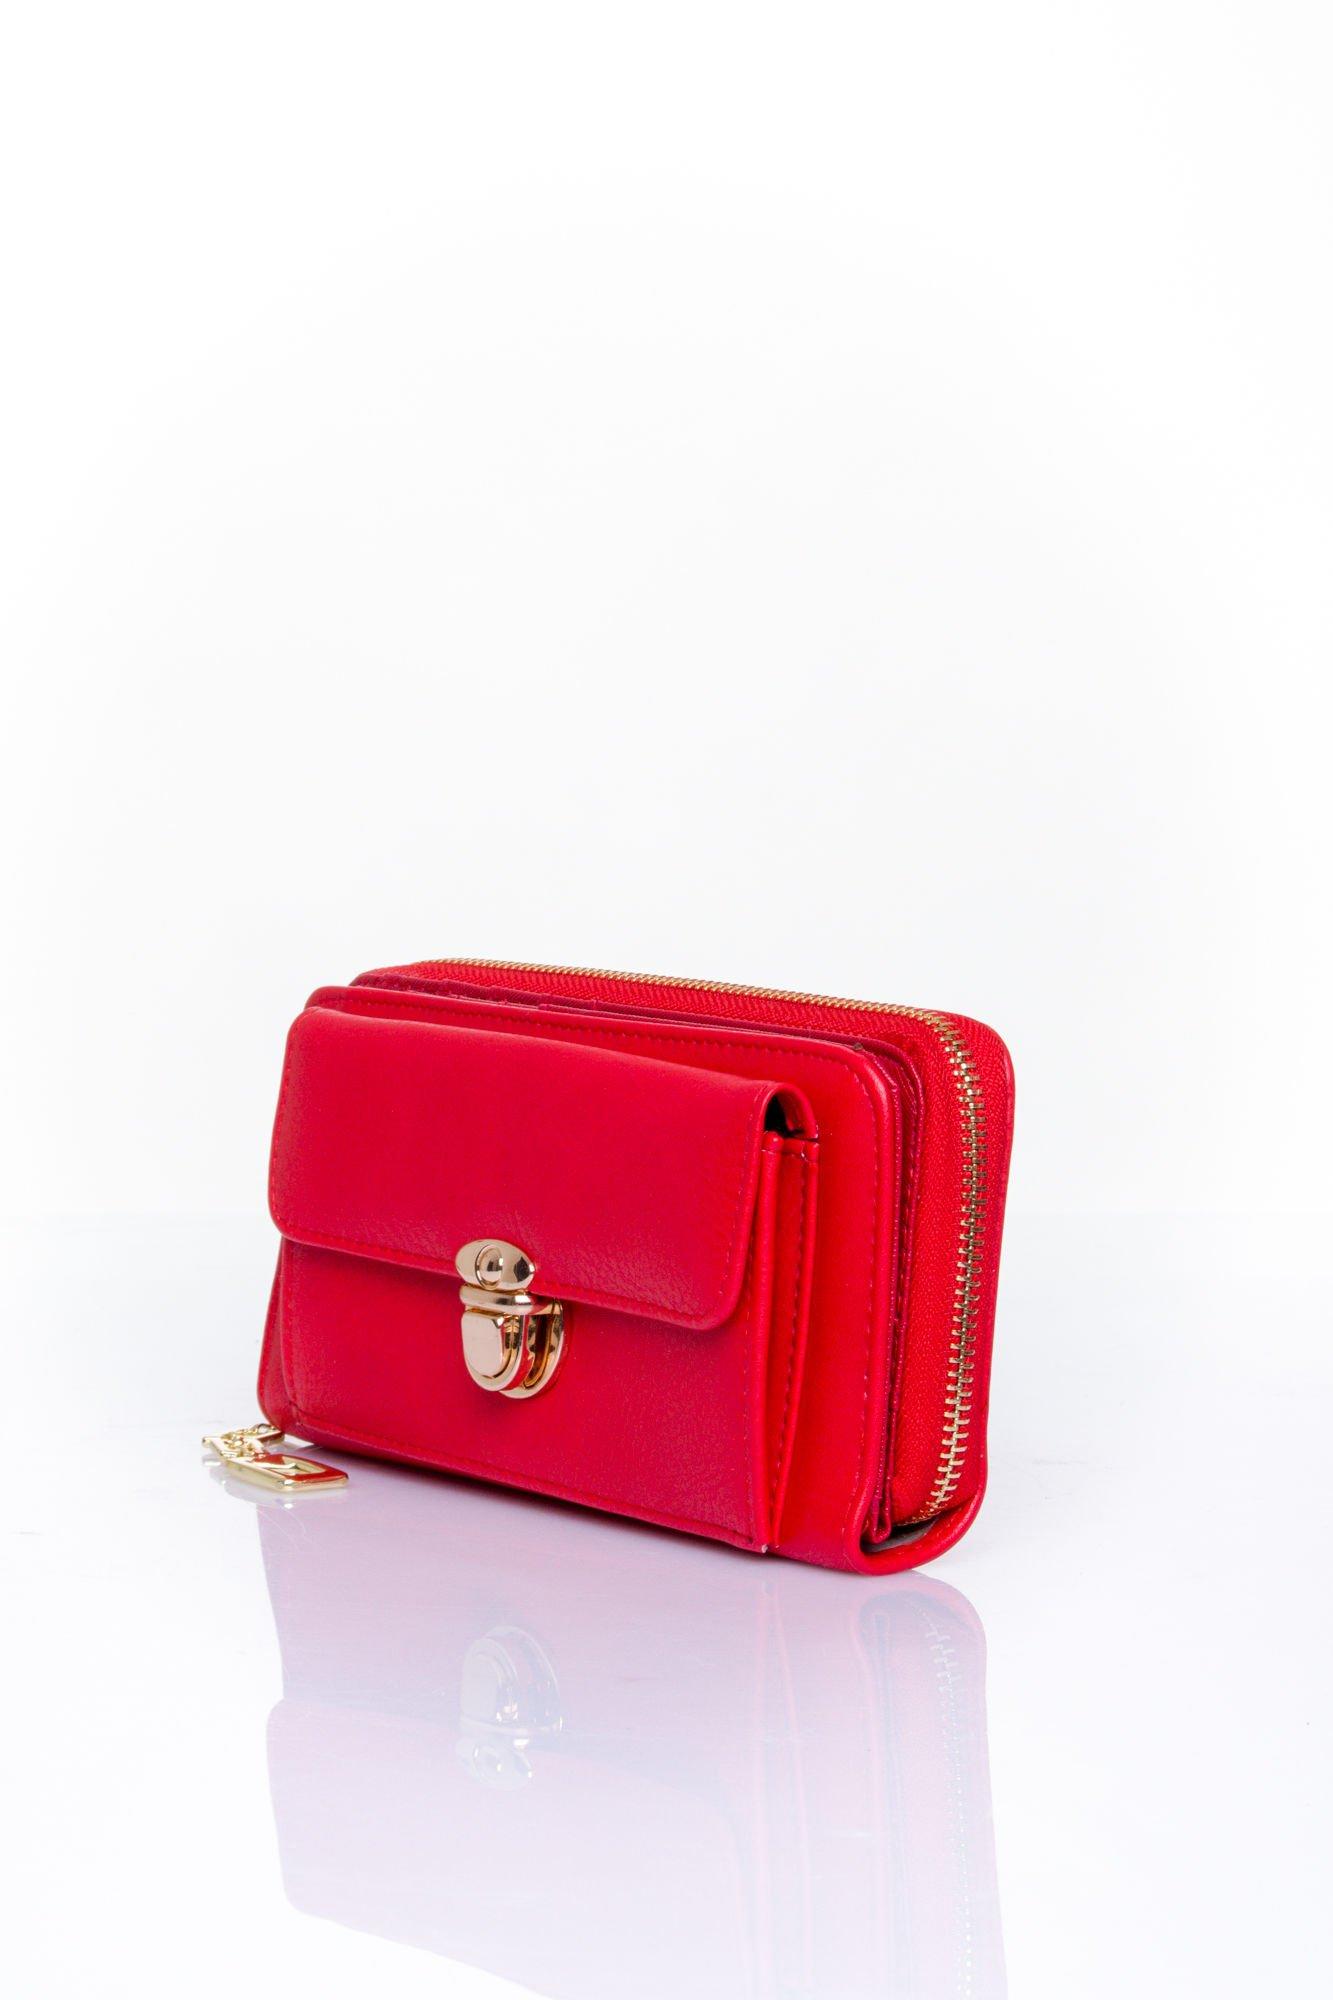 Czerwony portfel ze złotym zapięciem                                  zdj.                                  3